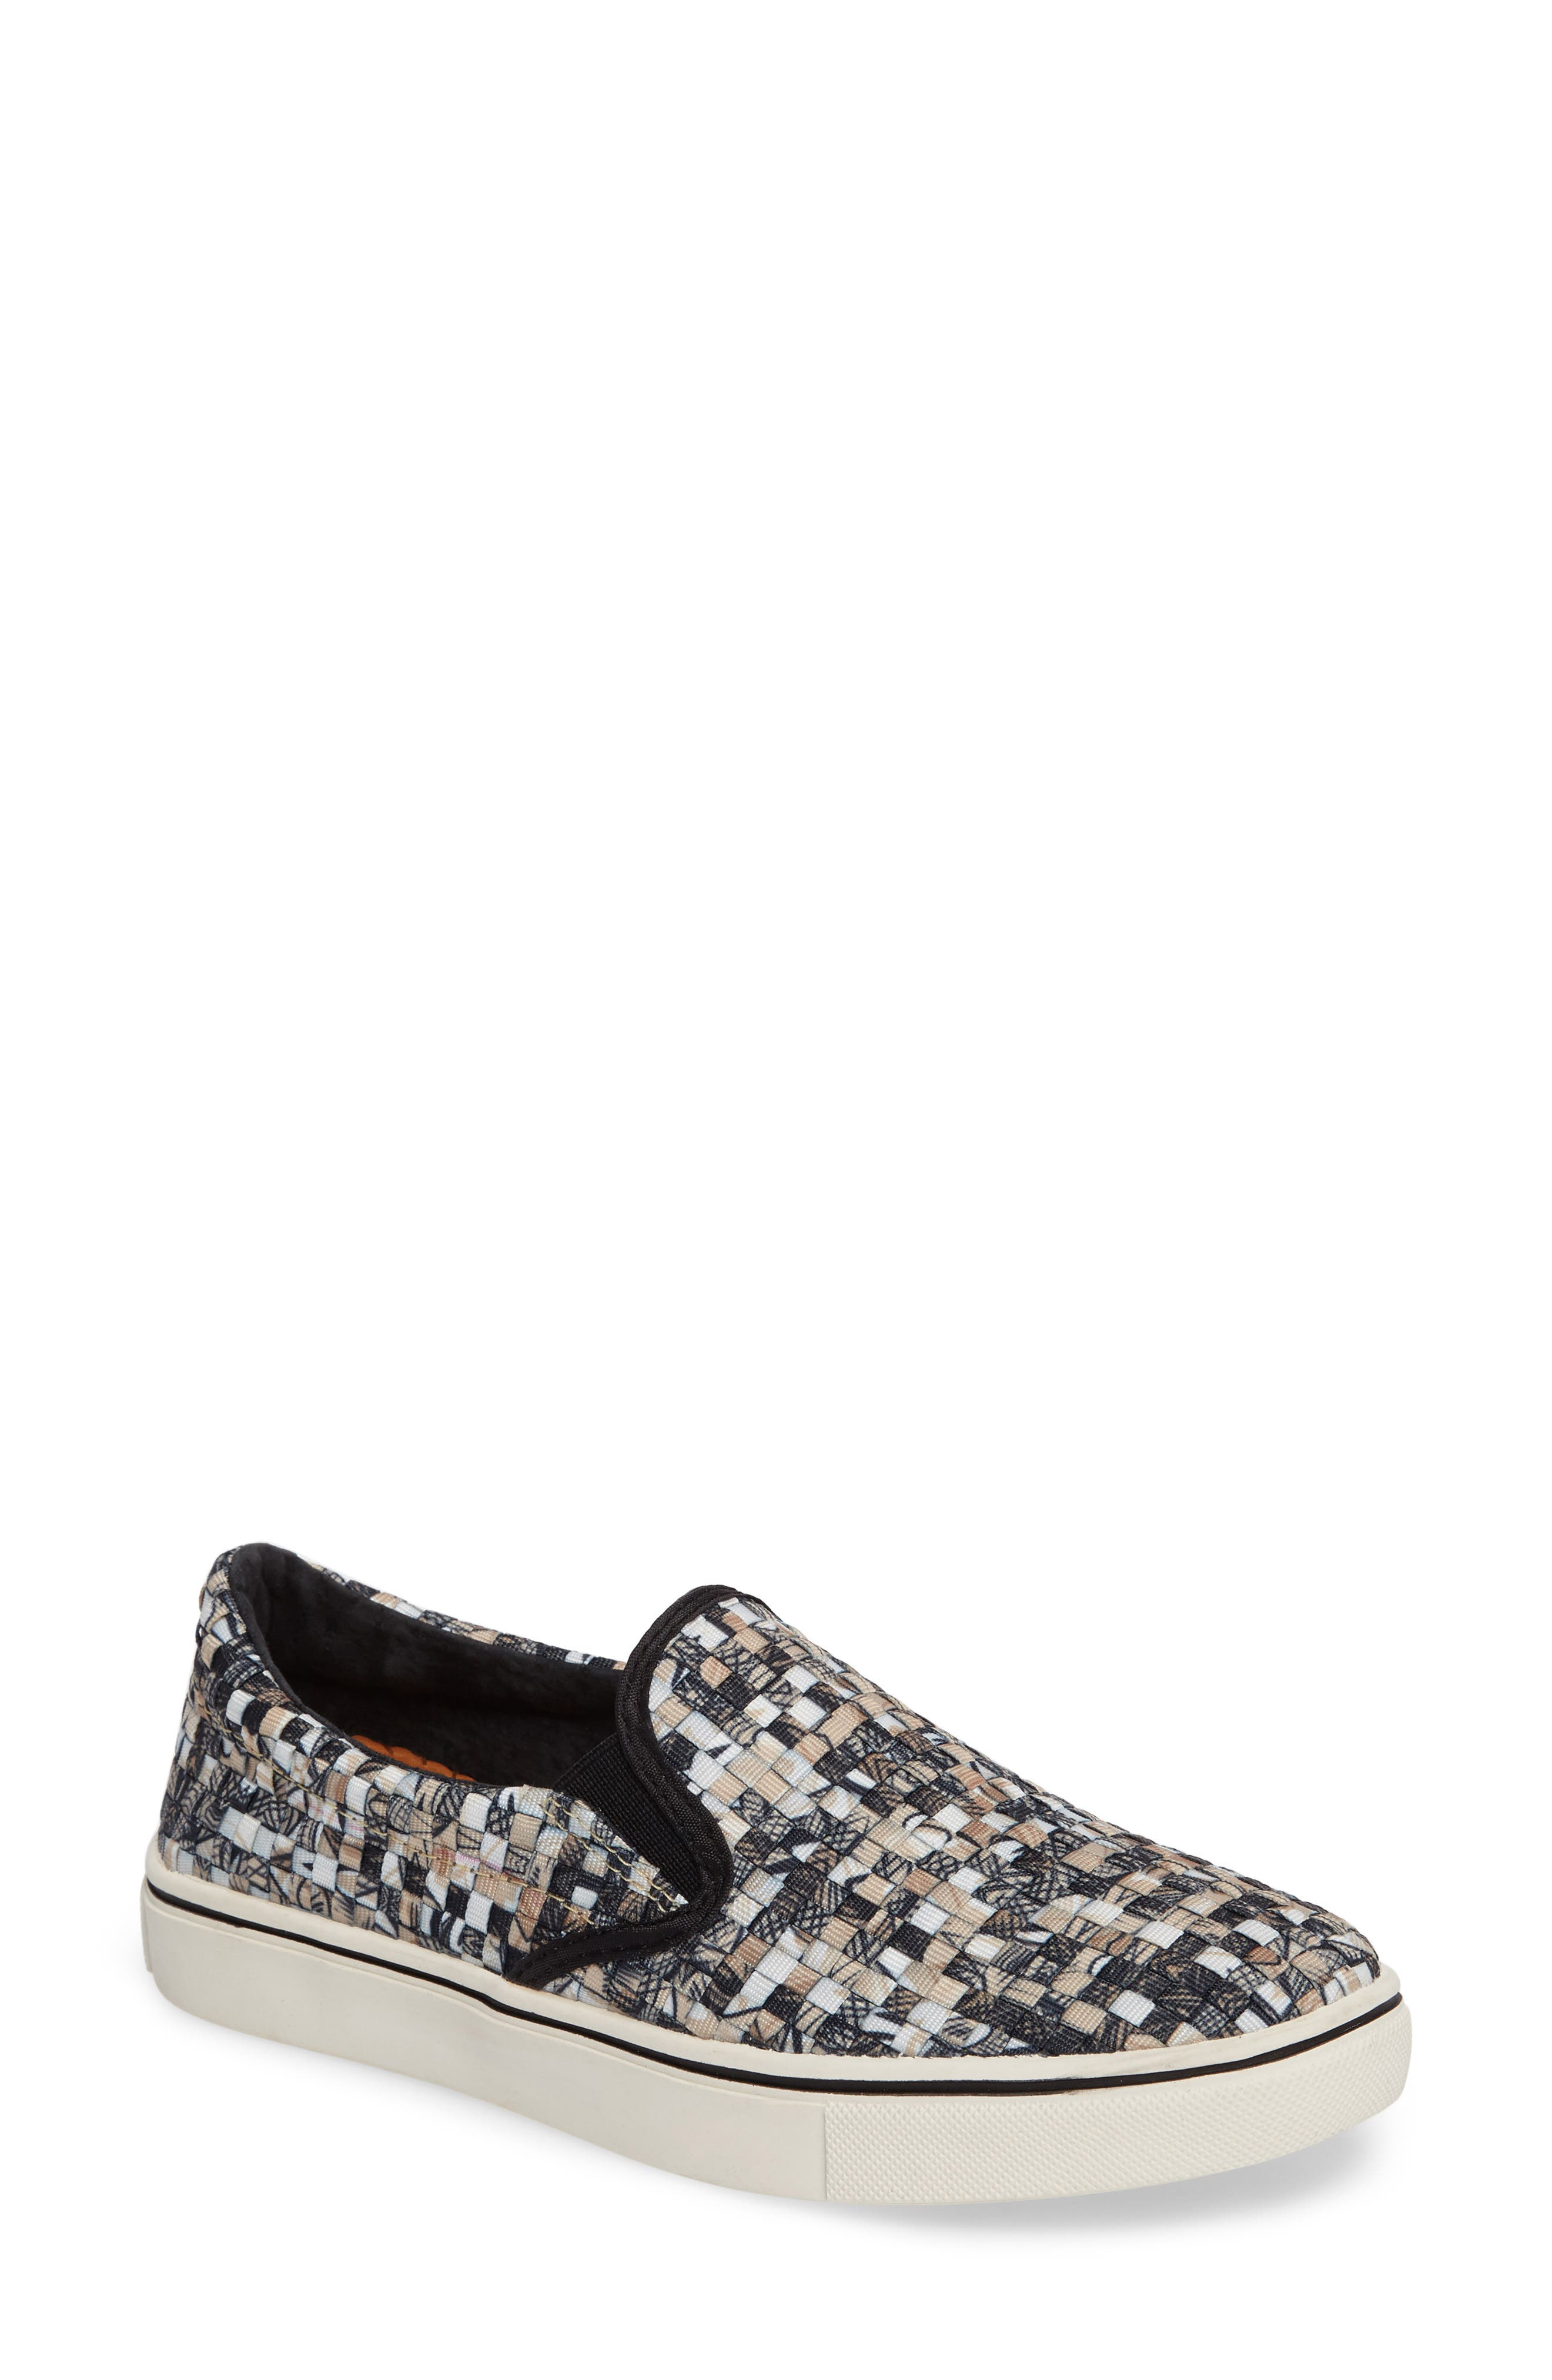 BERNIE MEV. Verona Slip-On Sneaker